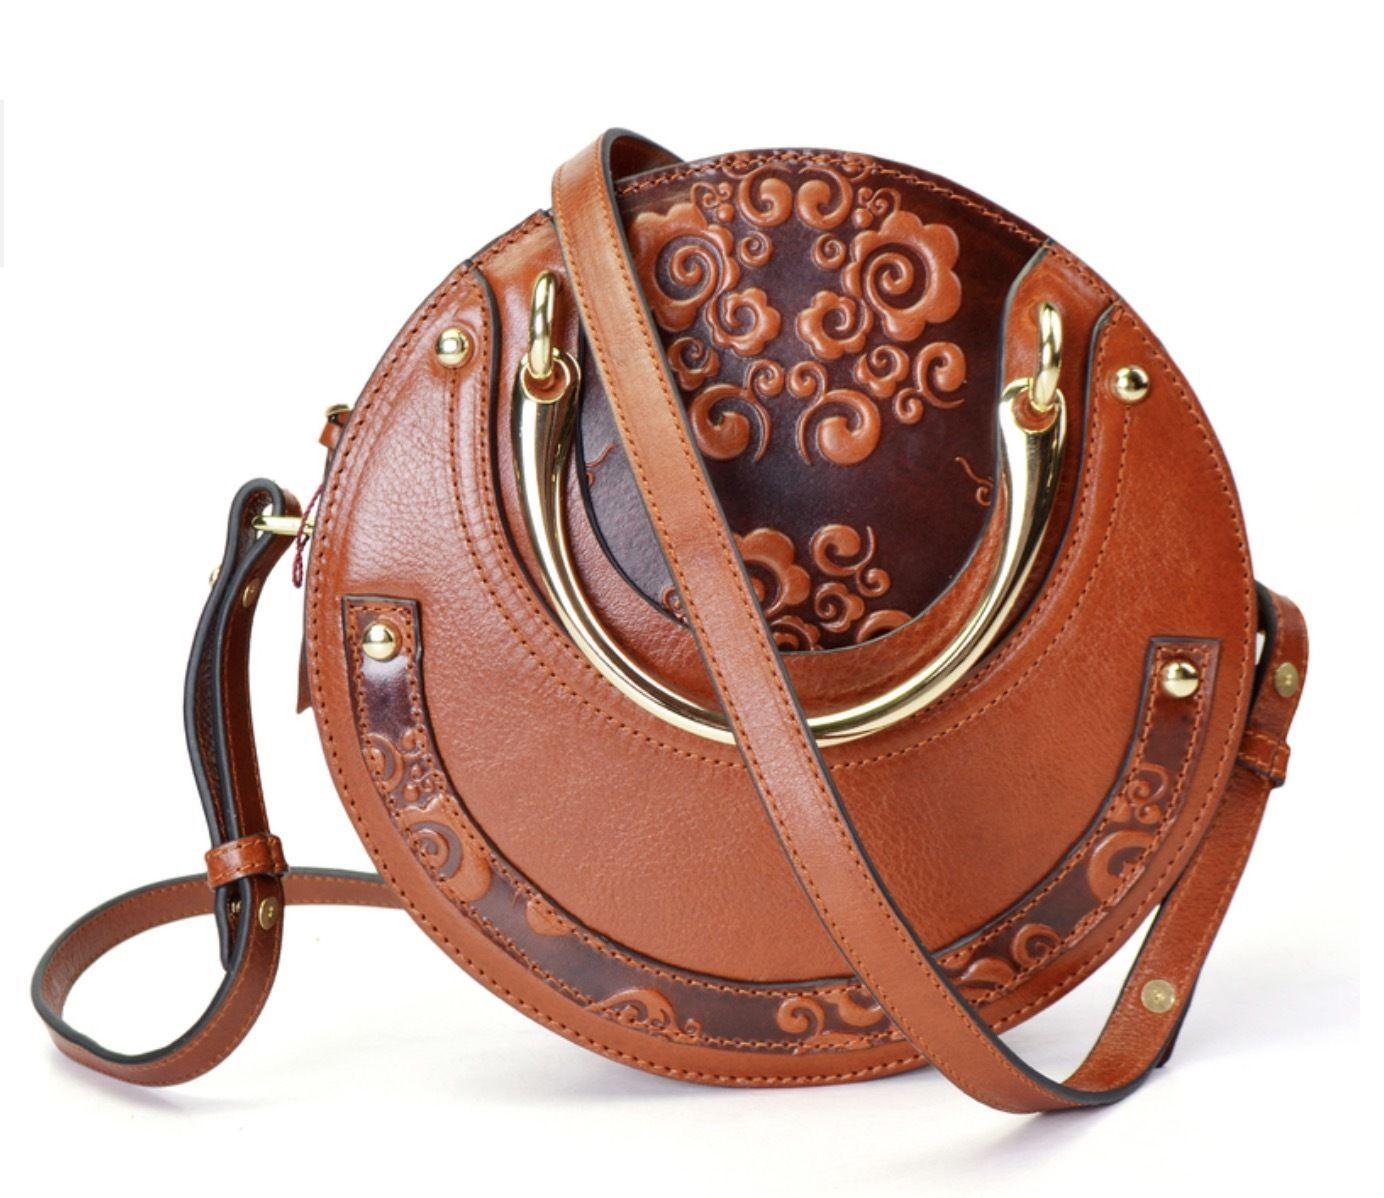 Italian Leather Floral Embossed Circle Handbag Satchel Purse Shoulder Bag 2354